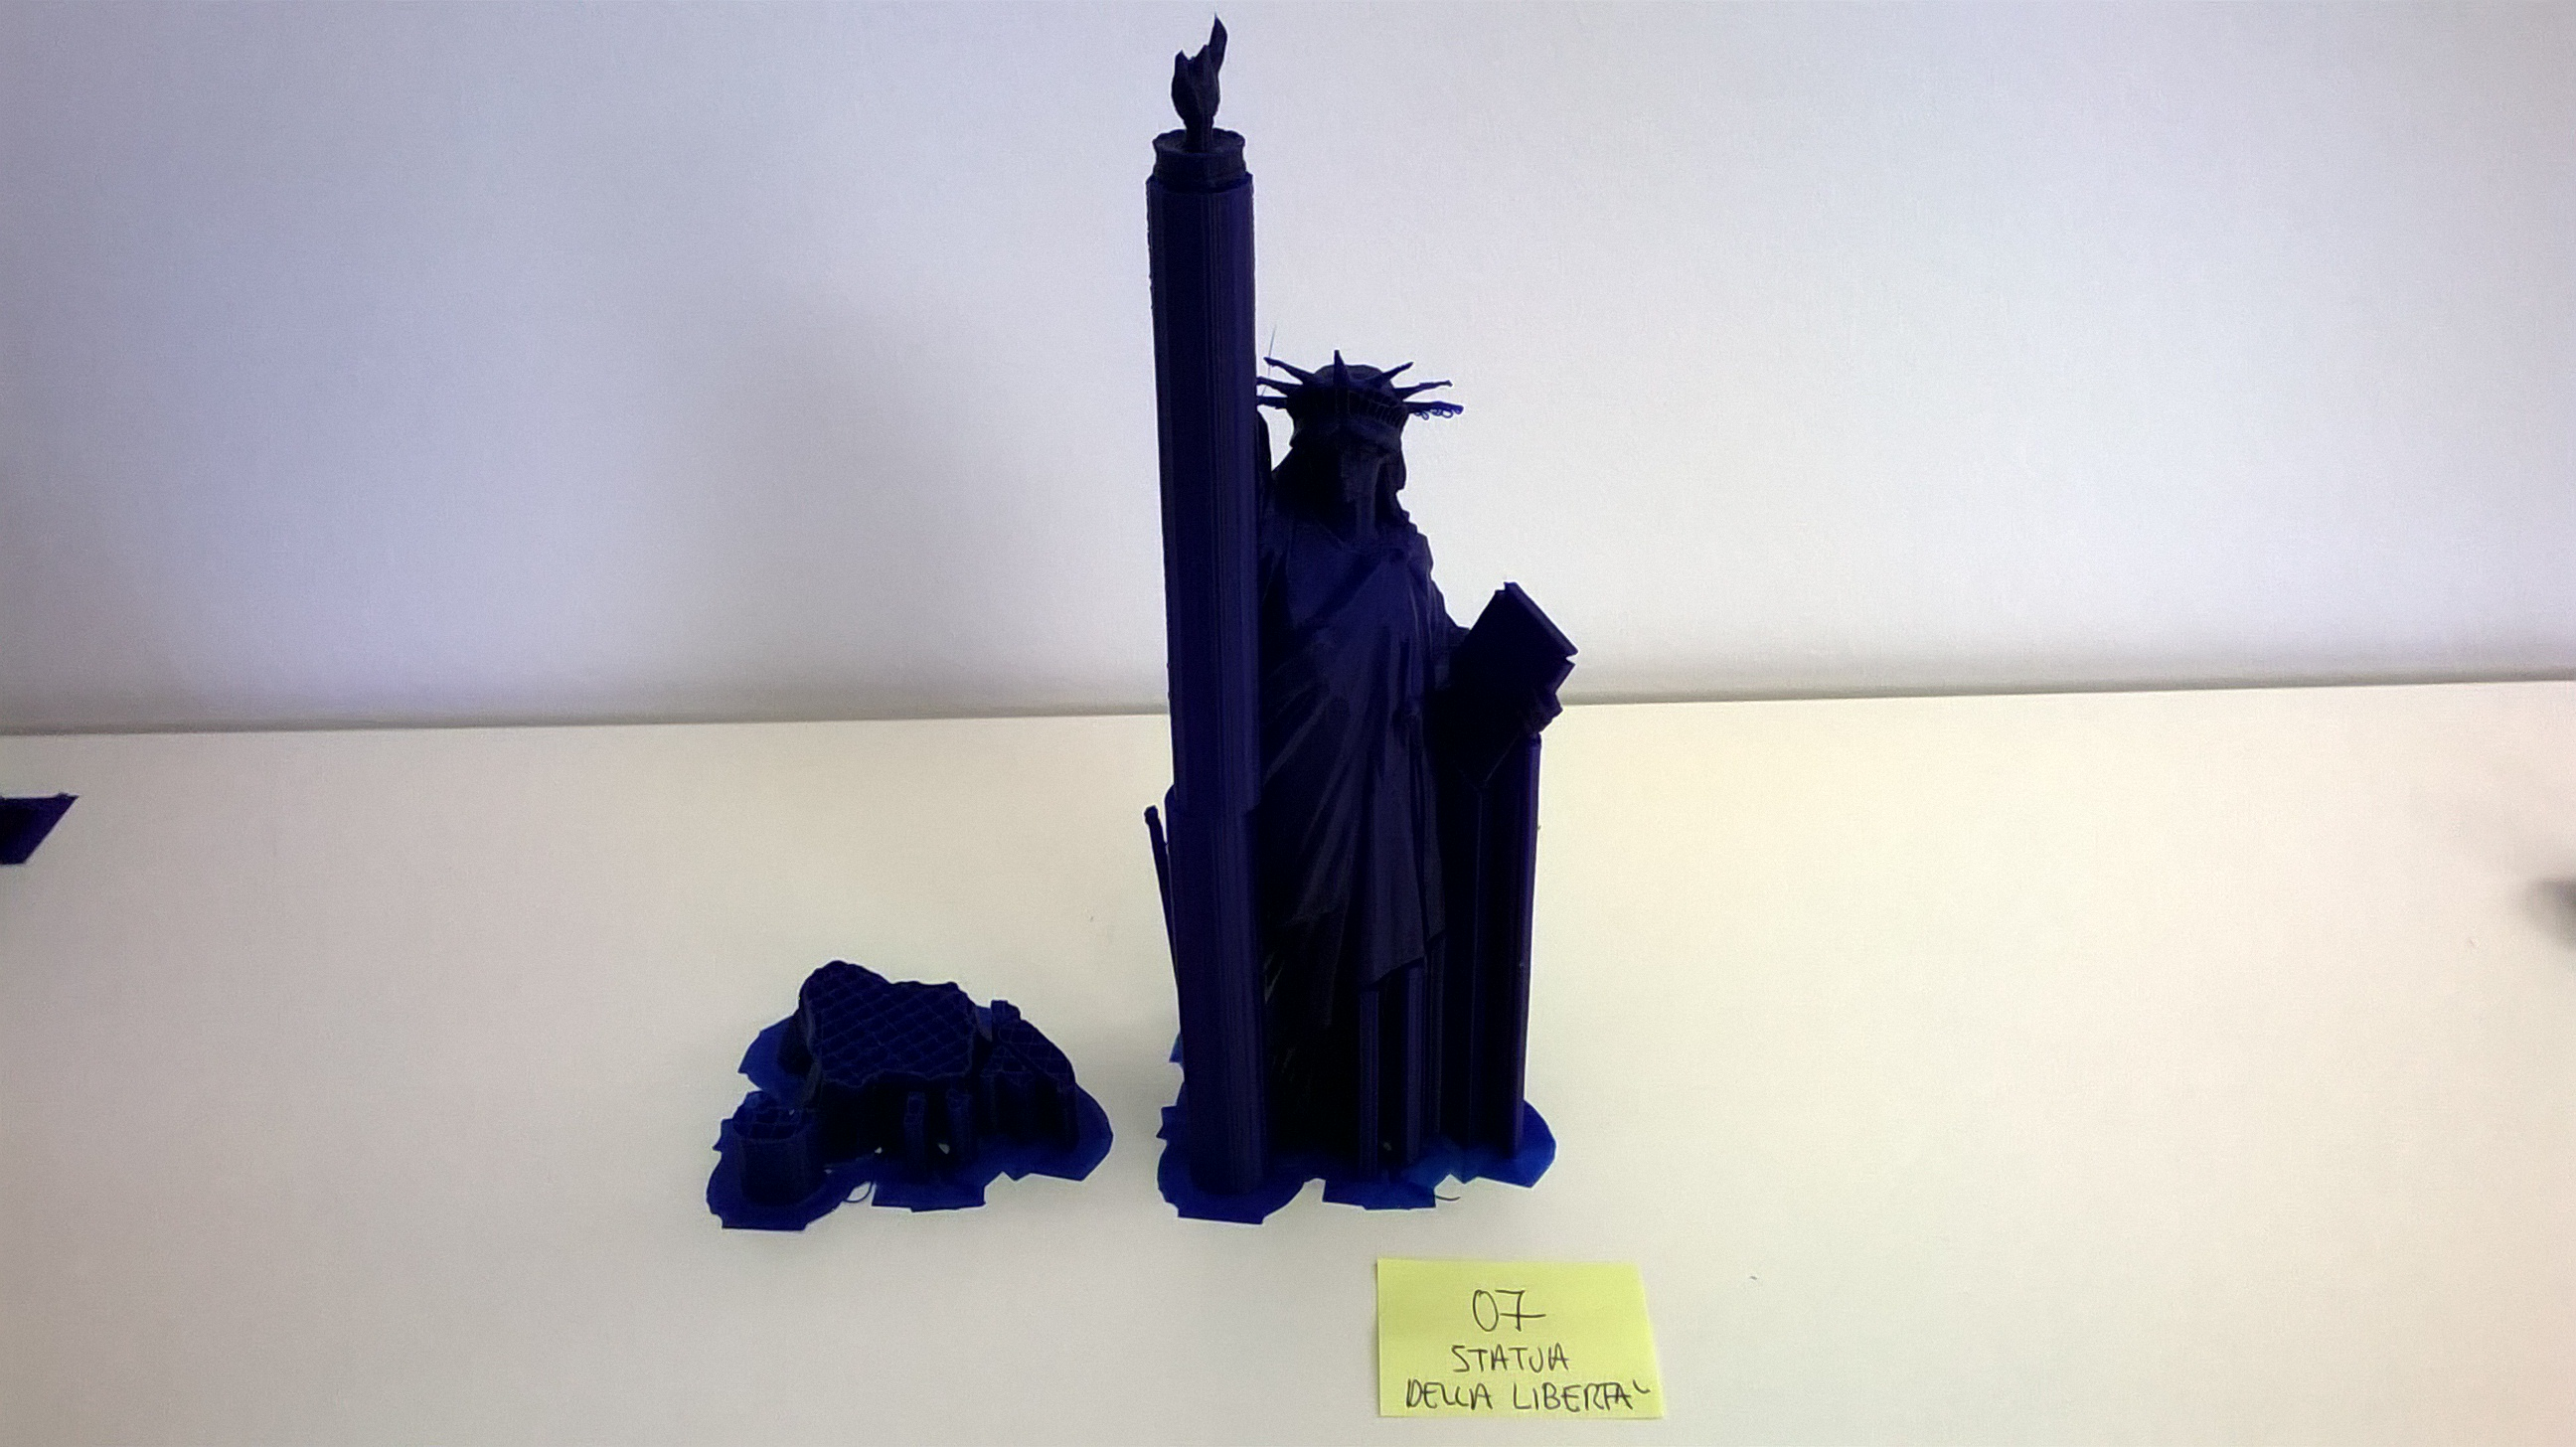 tte-007 / Statua della liberta